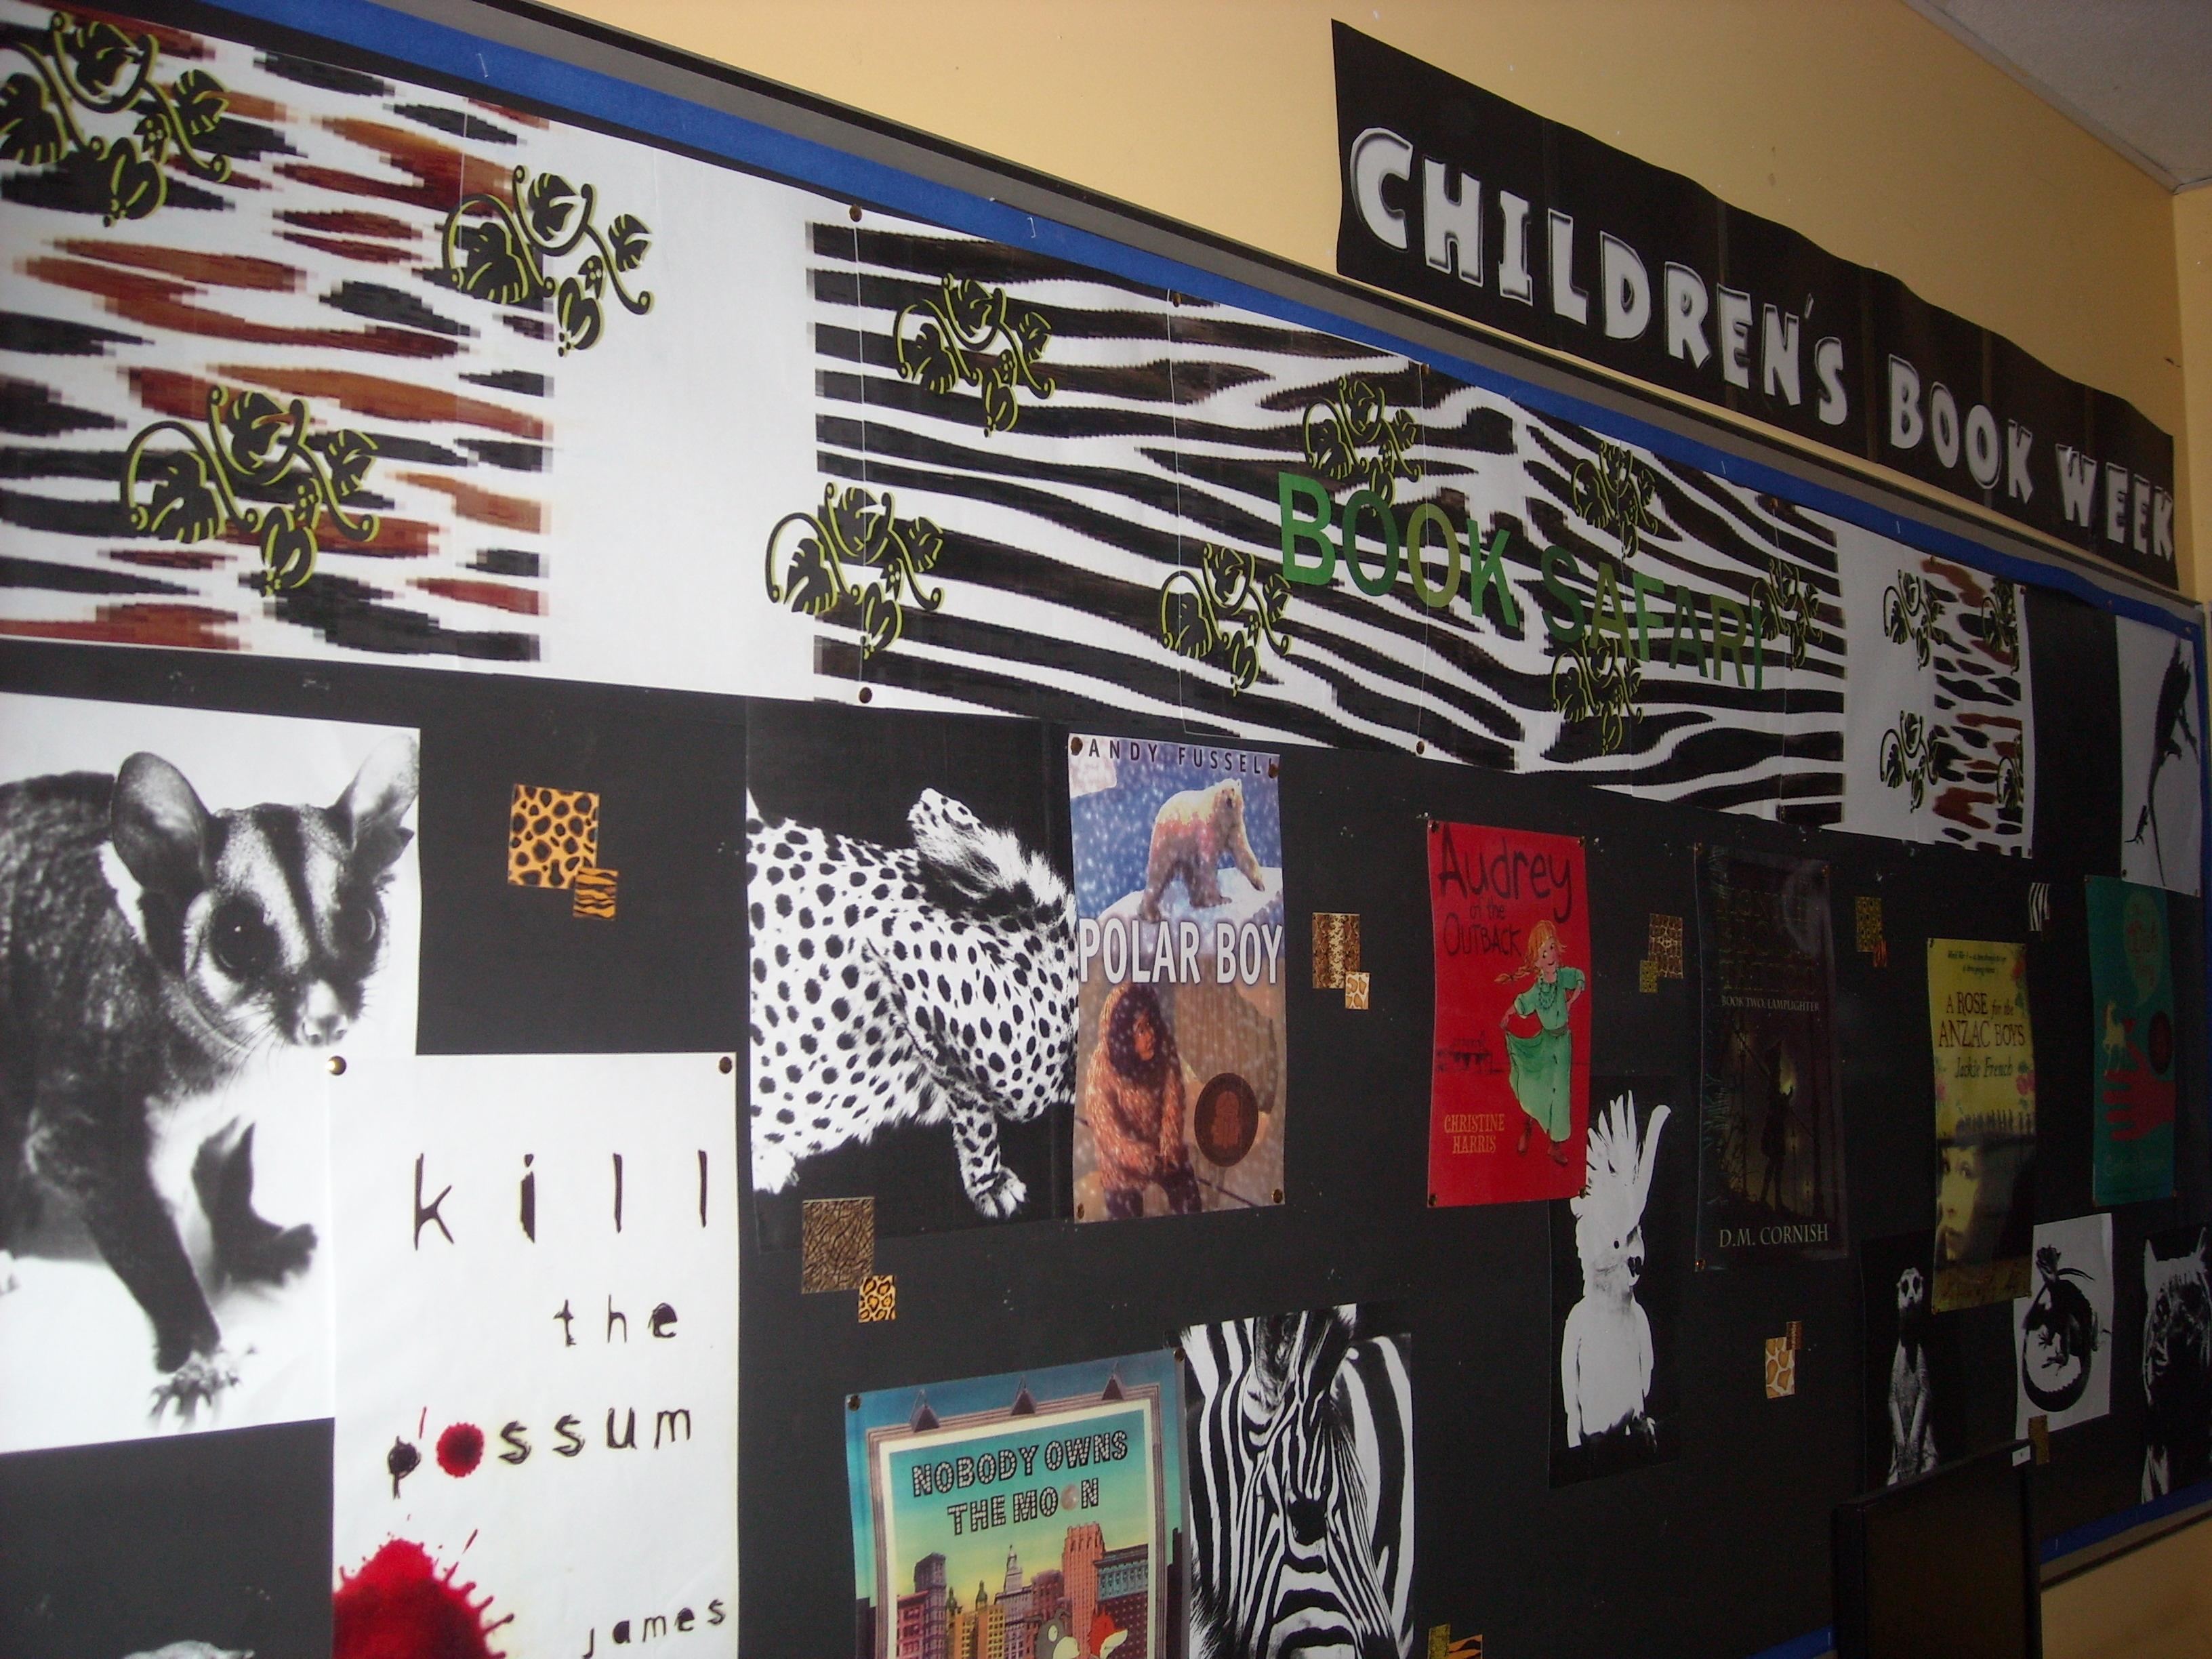 Book Safari display